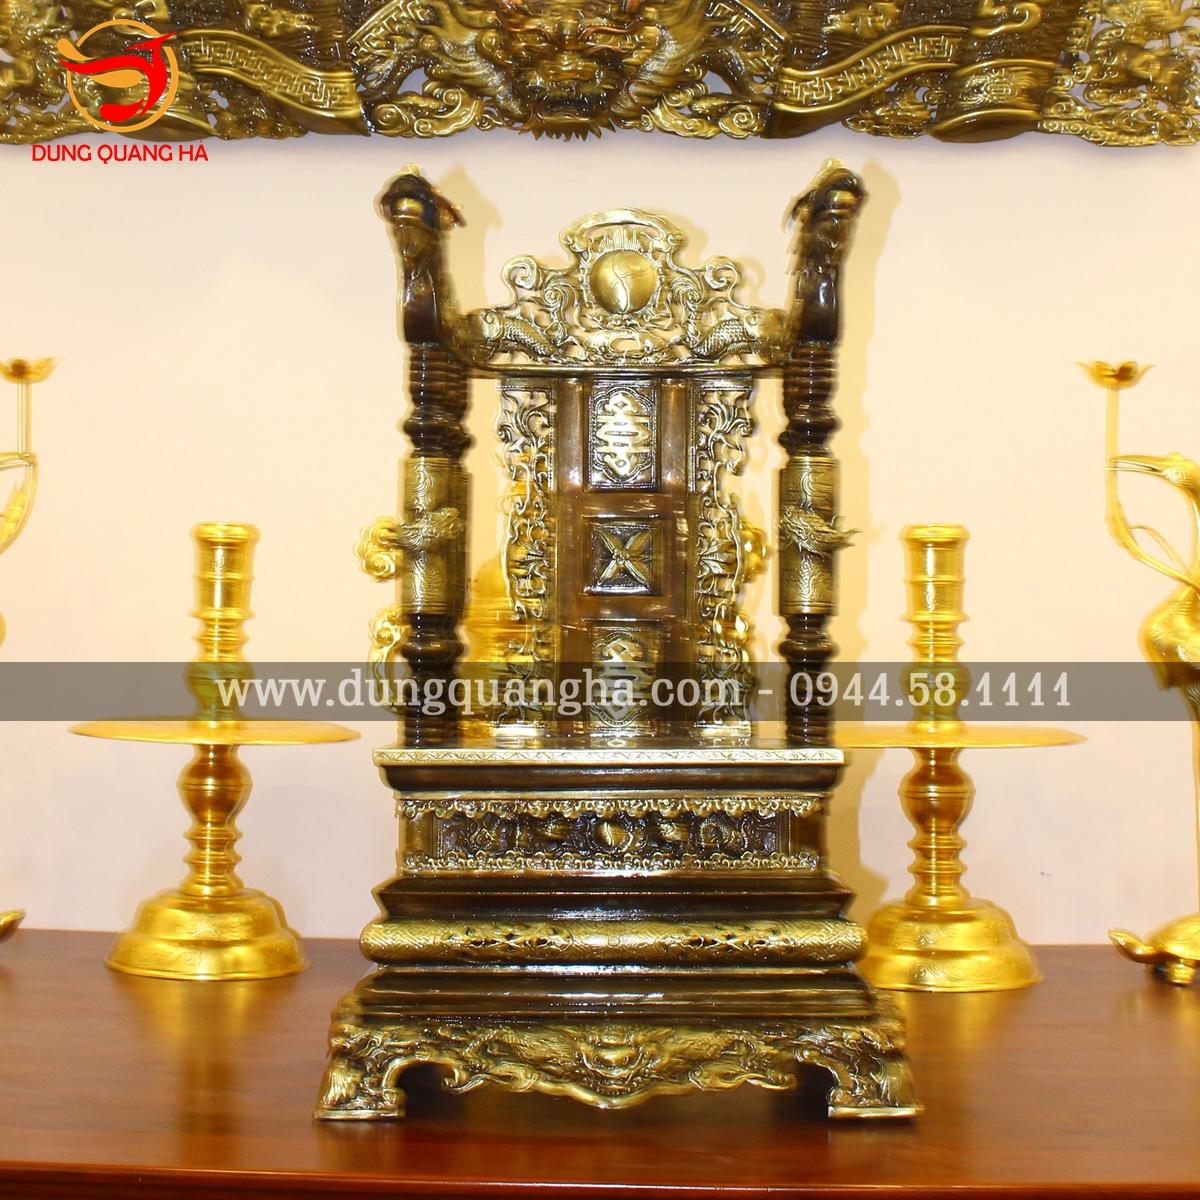 Ngai thờ gia tiên bày dưới hoành phi đồng bộ 2